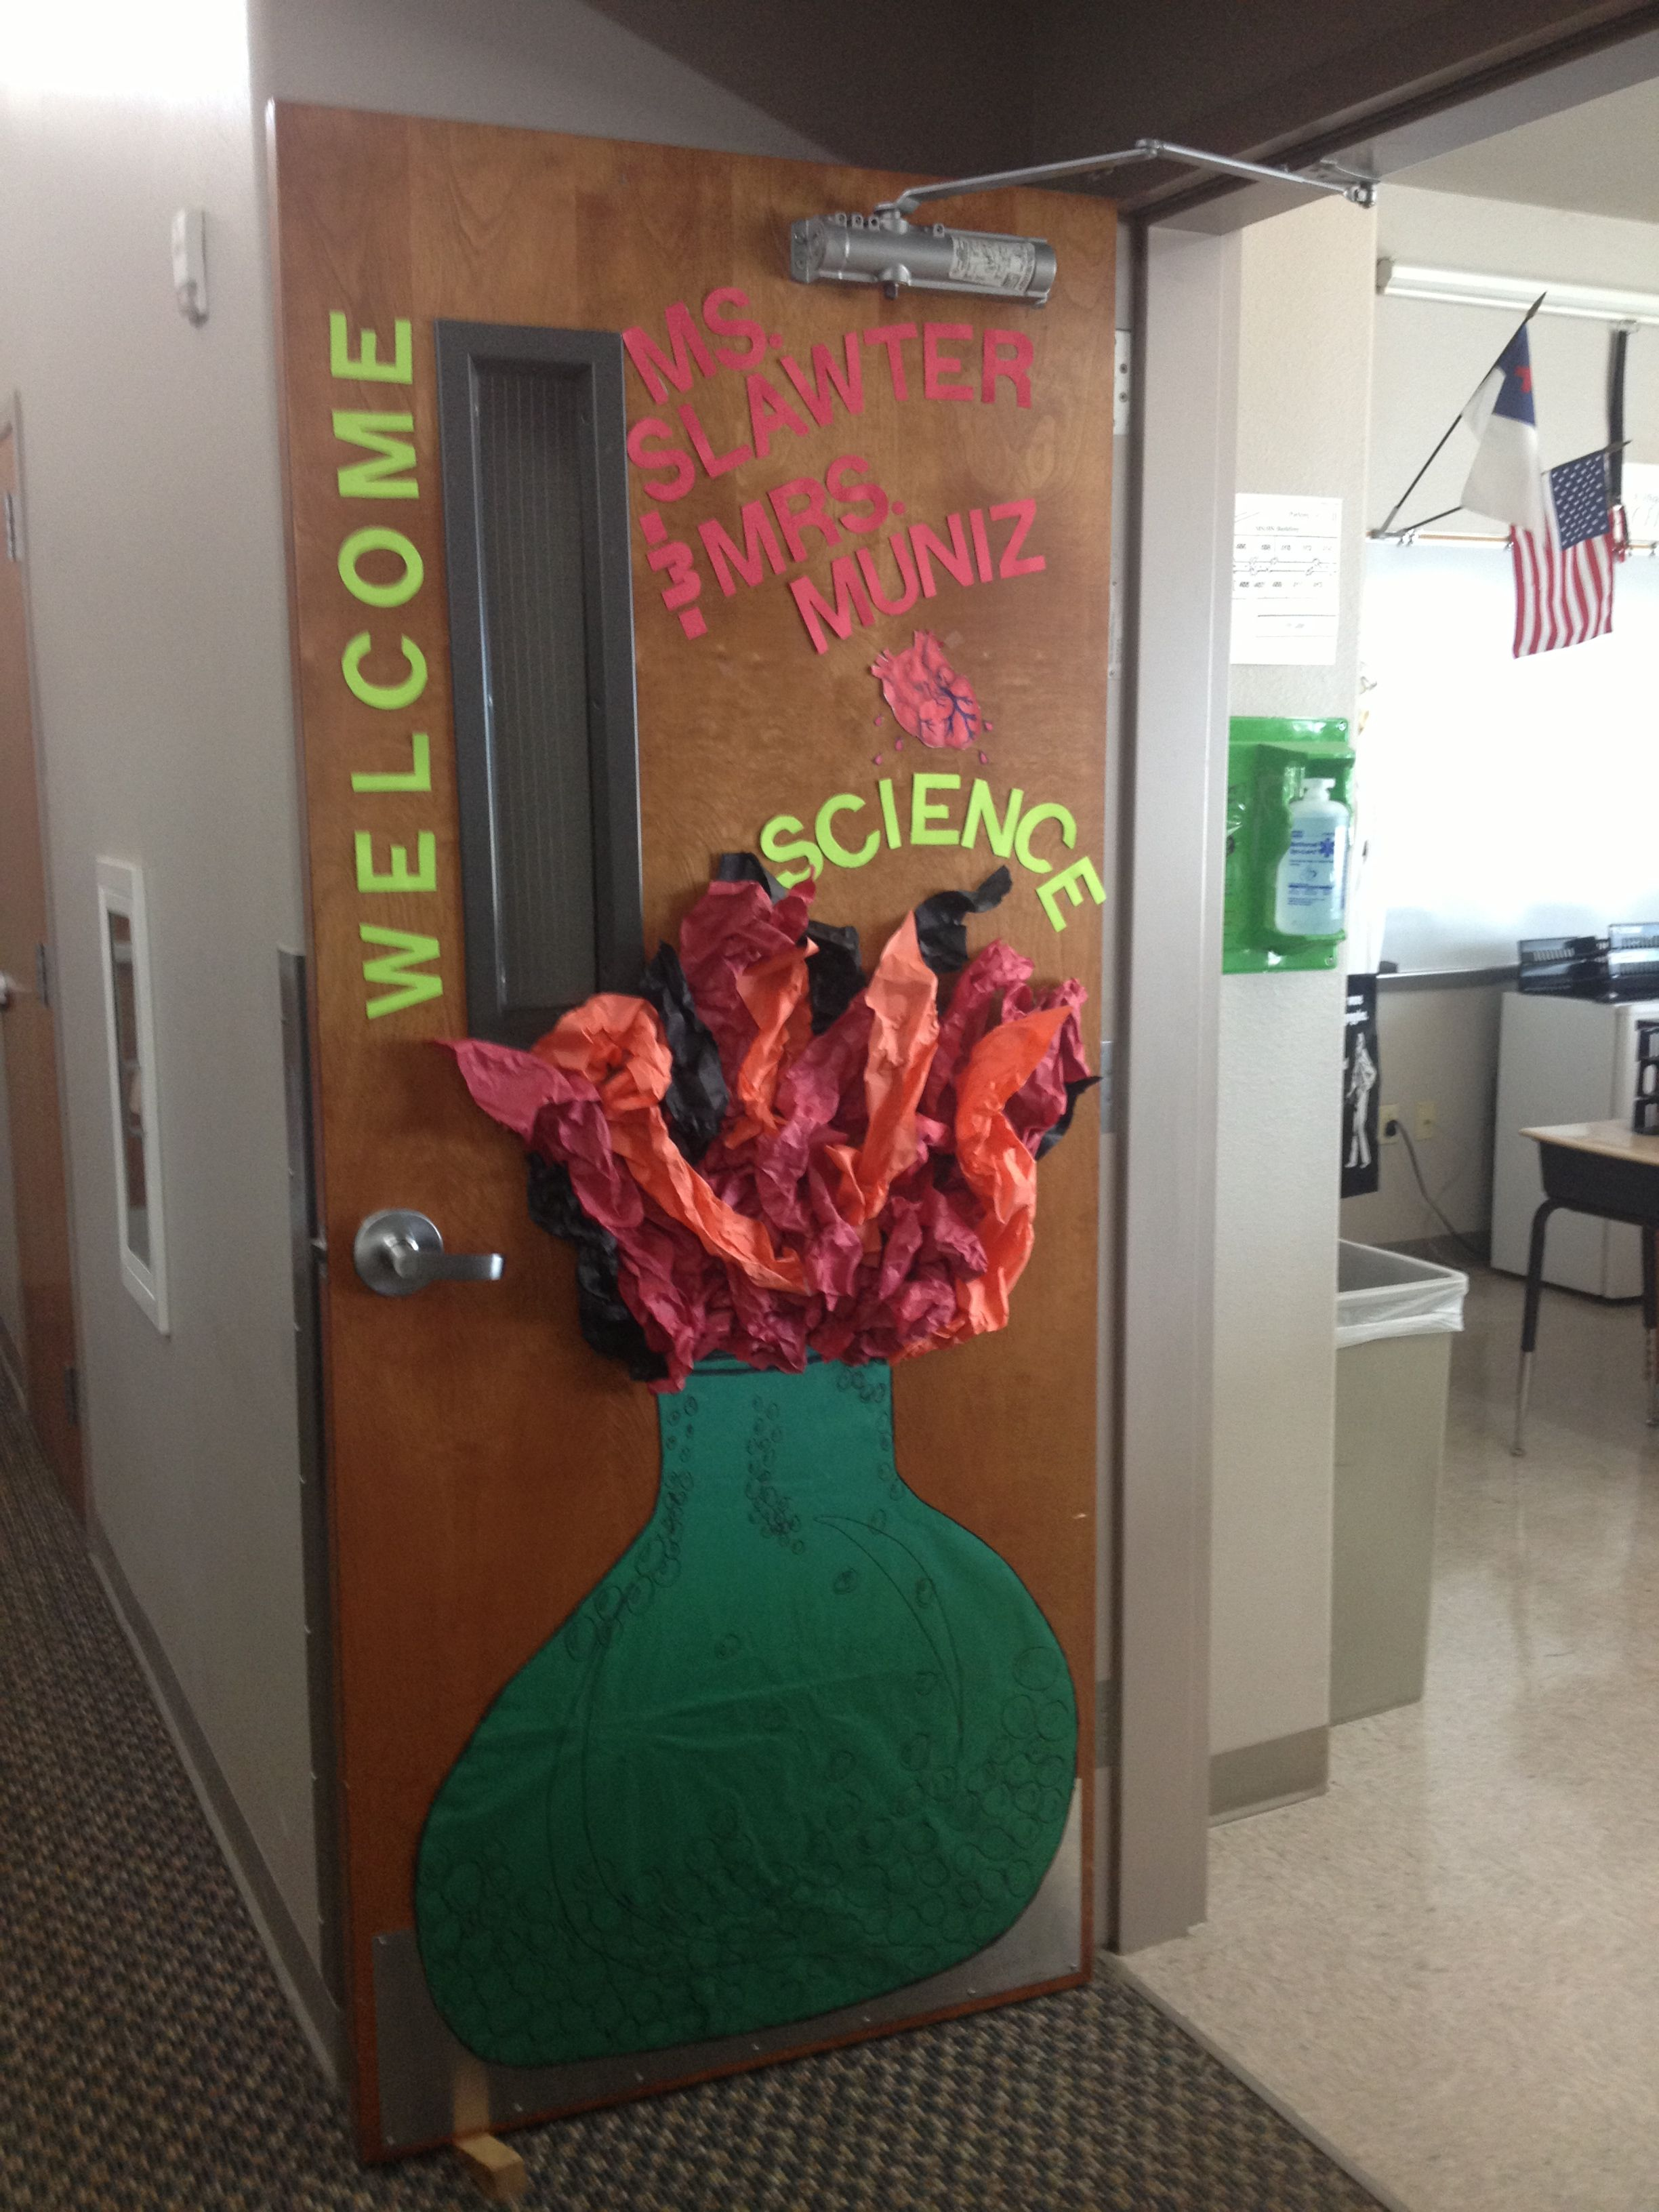 Science Class Door Decorations | Decoratingspecial.com